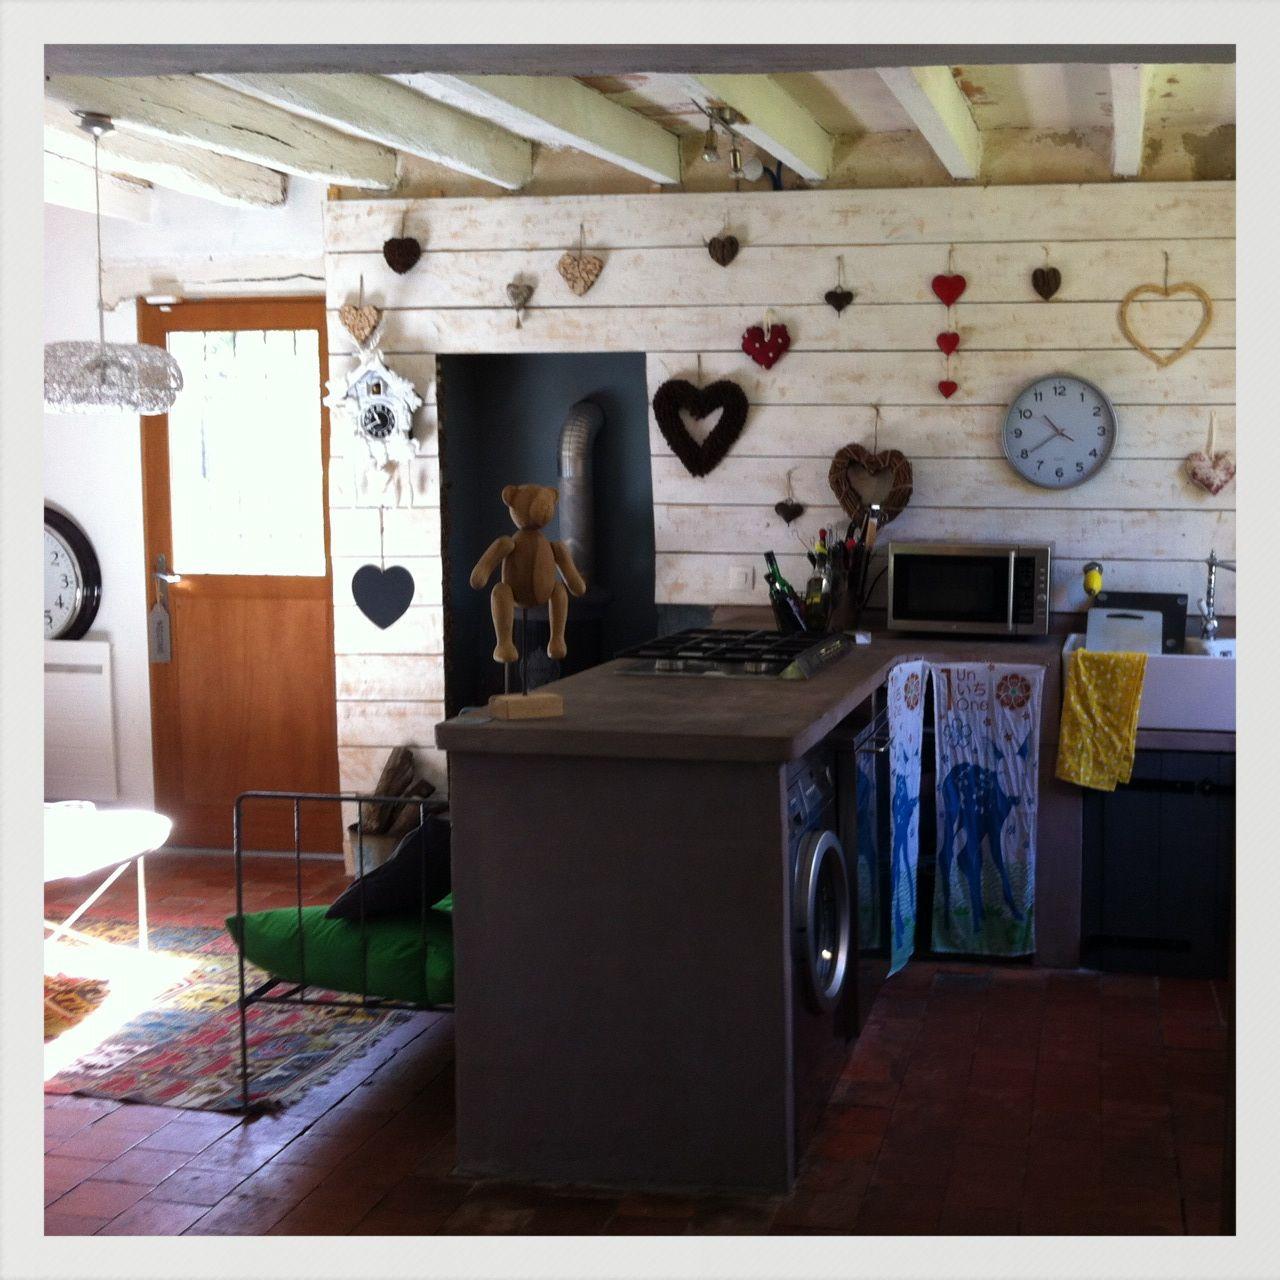 À vendre : jolie maison de campagne située dans le loiret (130 kms ...